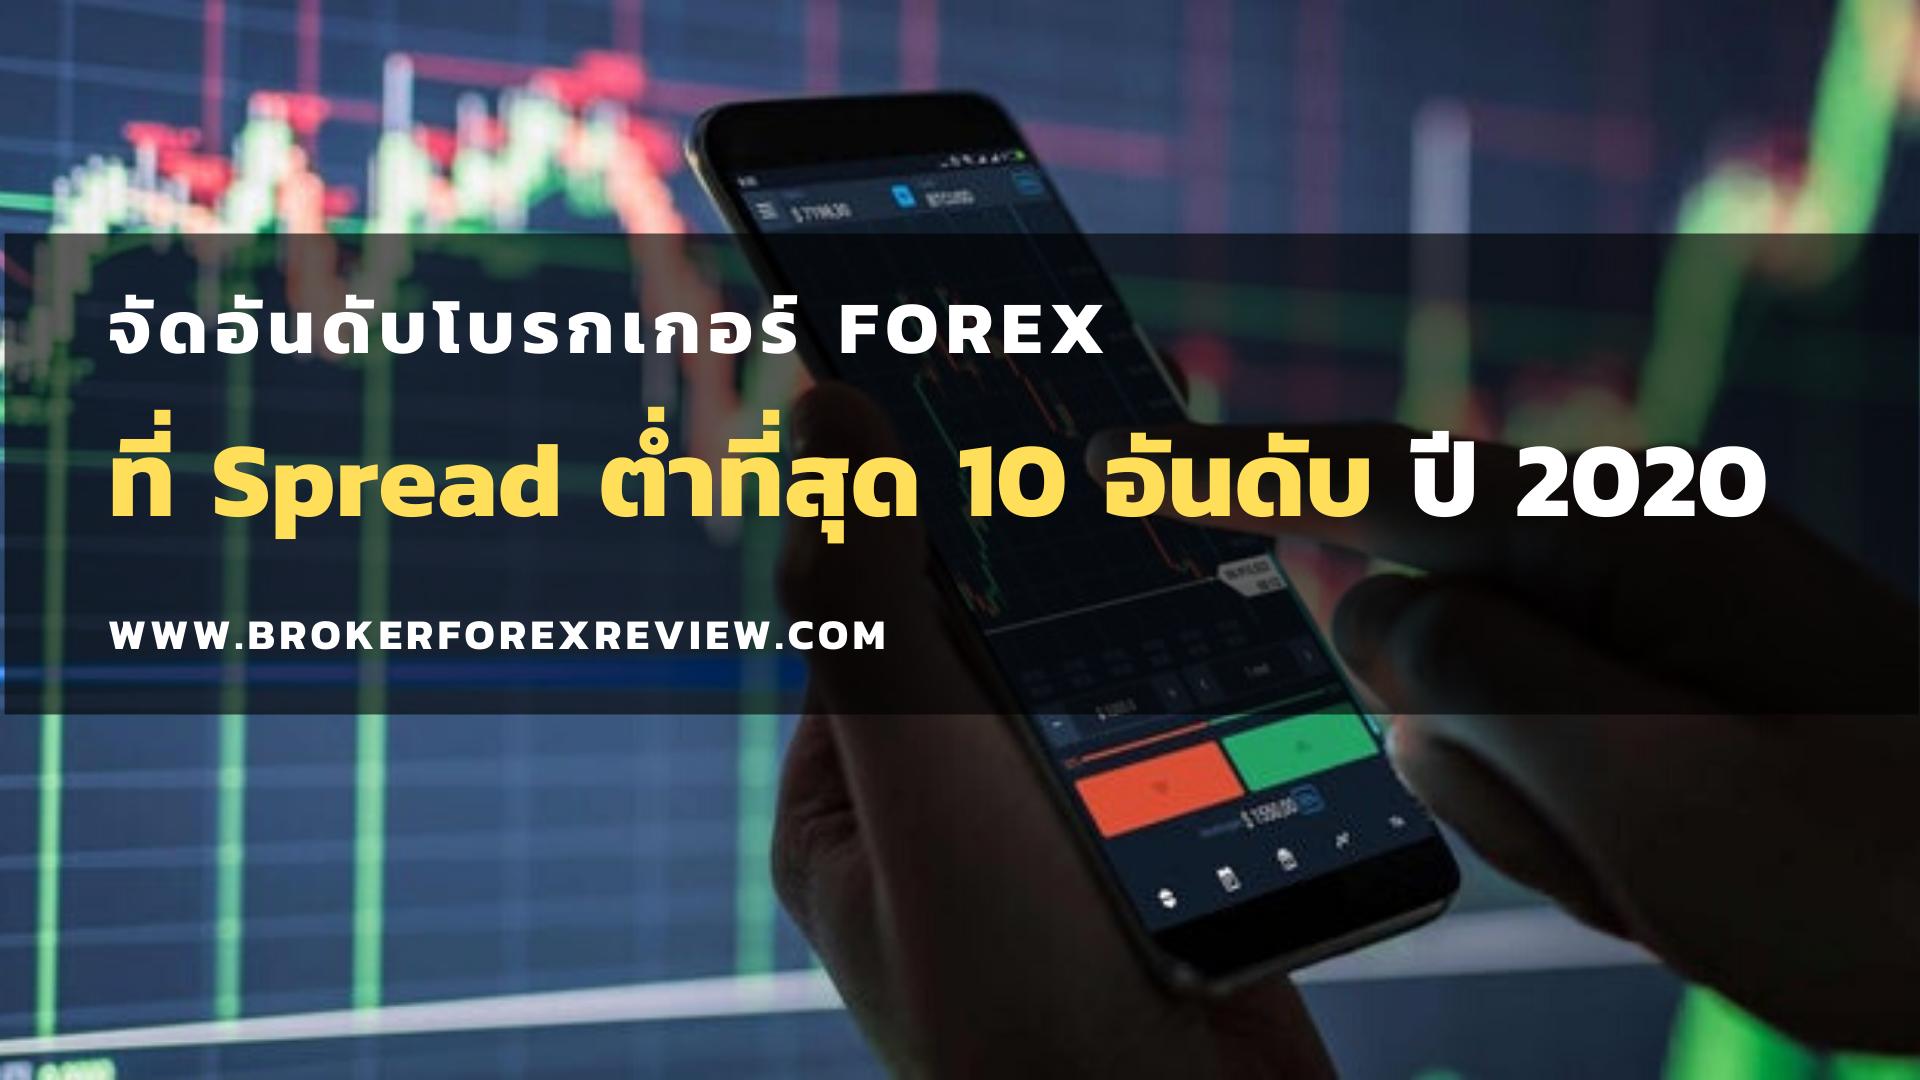 โบรกเกอร์ Forex สเปรดต่ำ ที่สุด 10 อันดับ ปี 2020